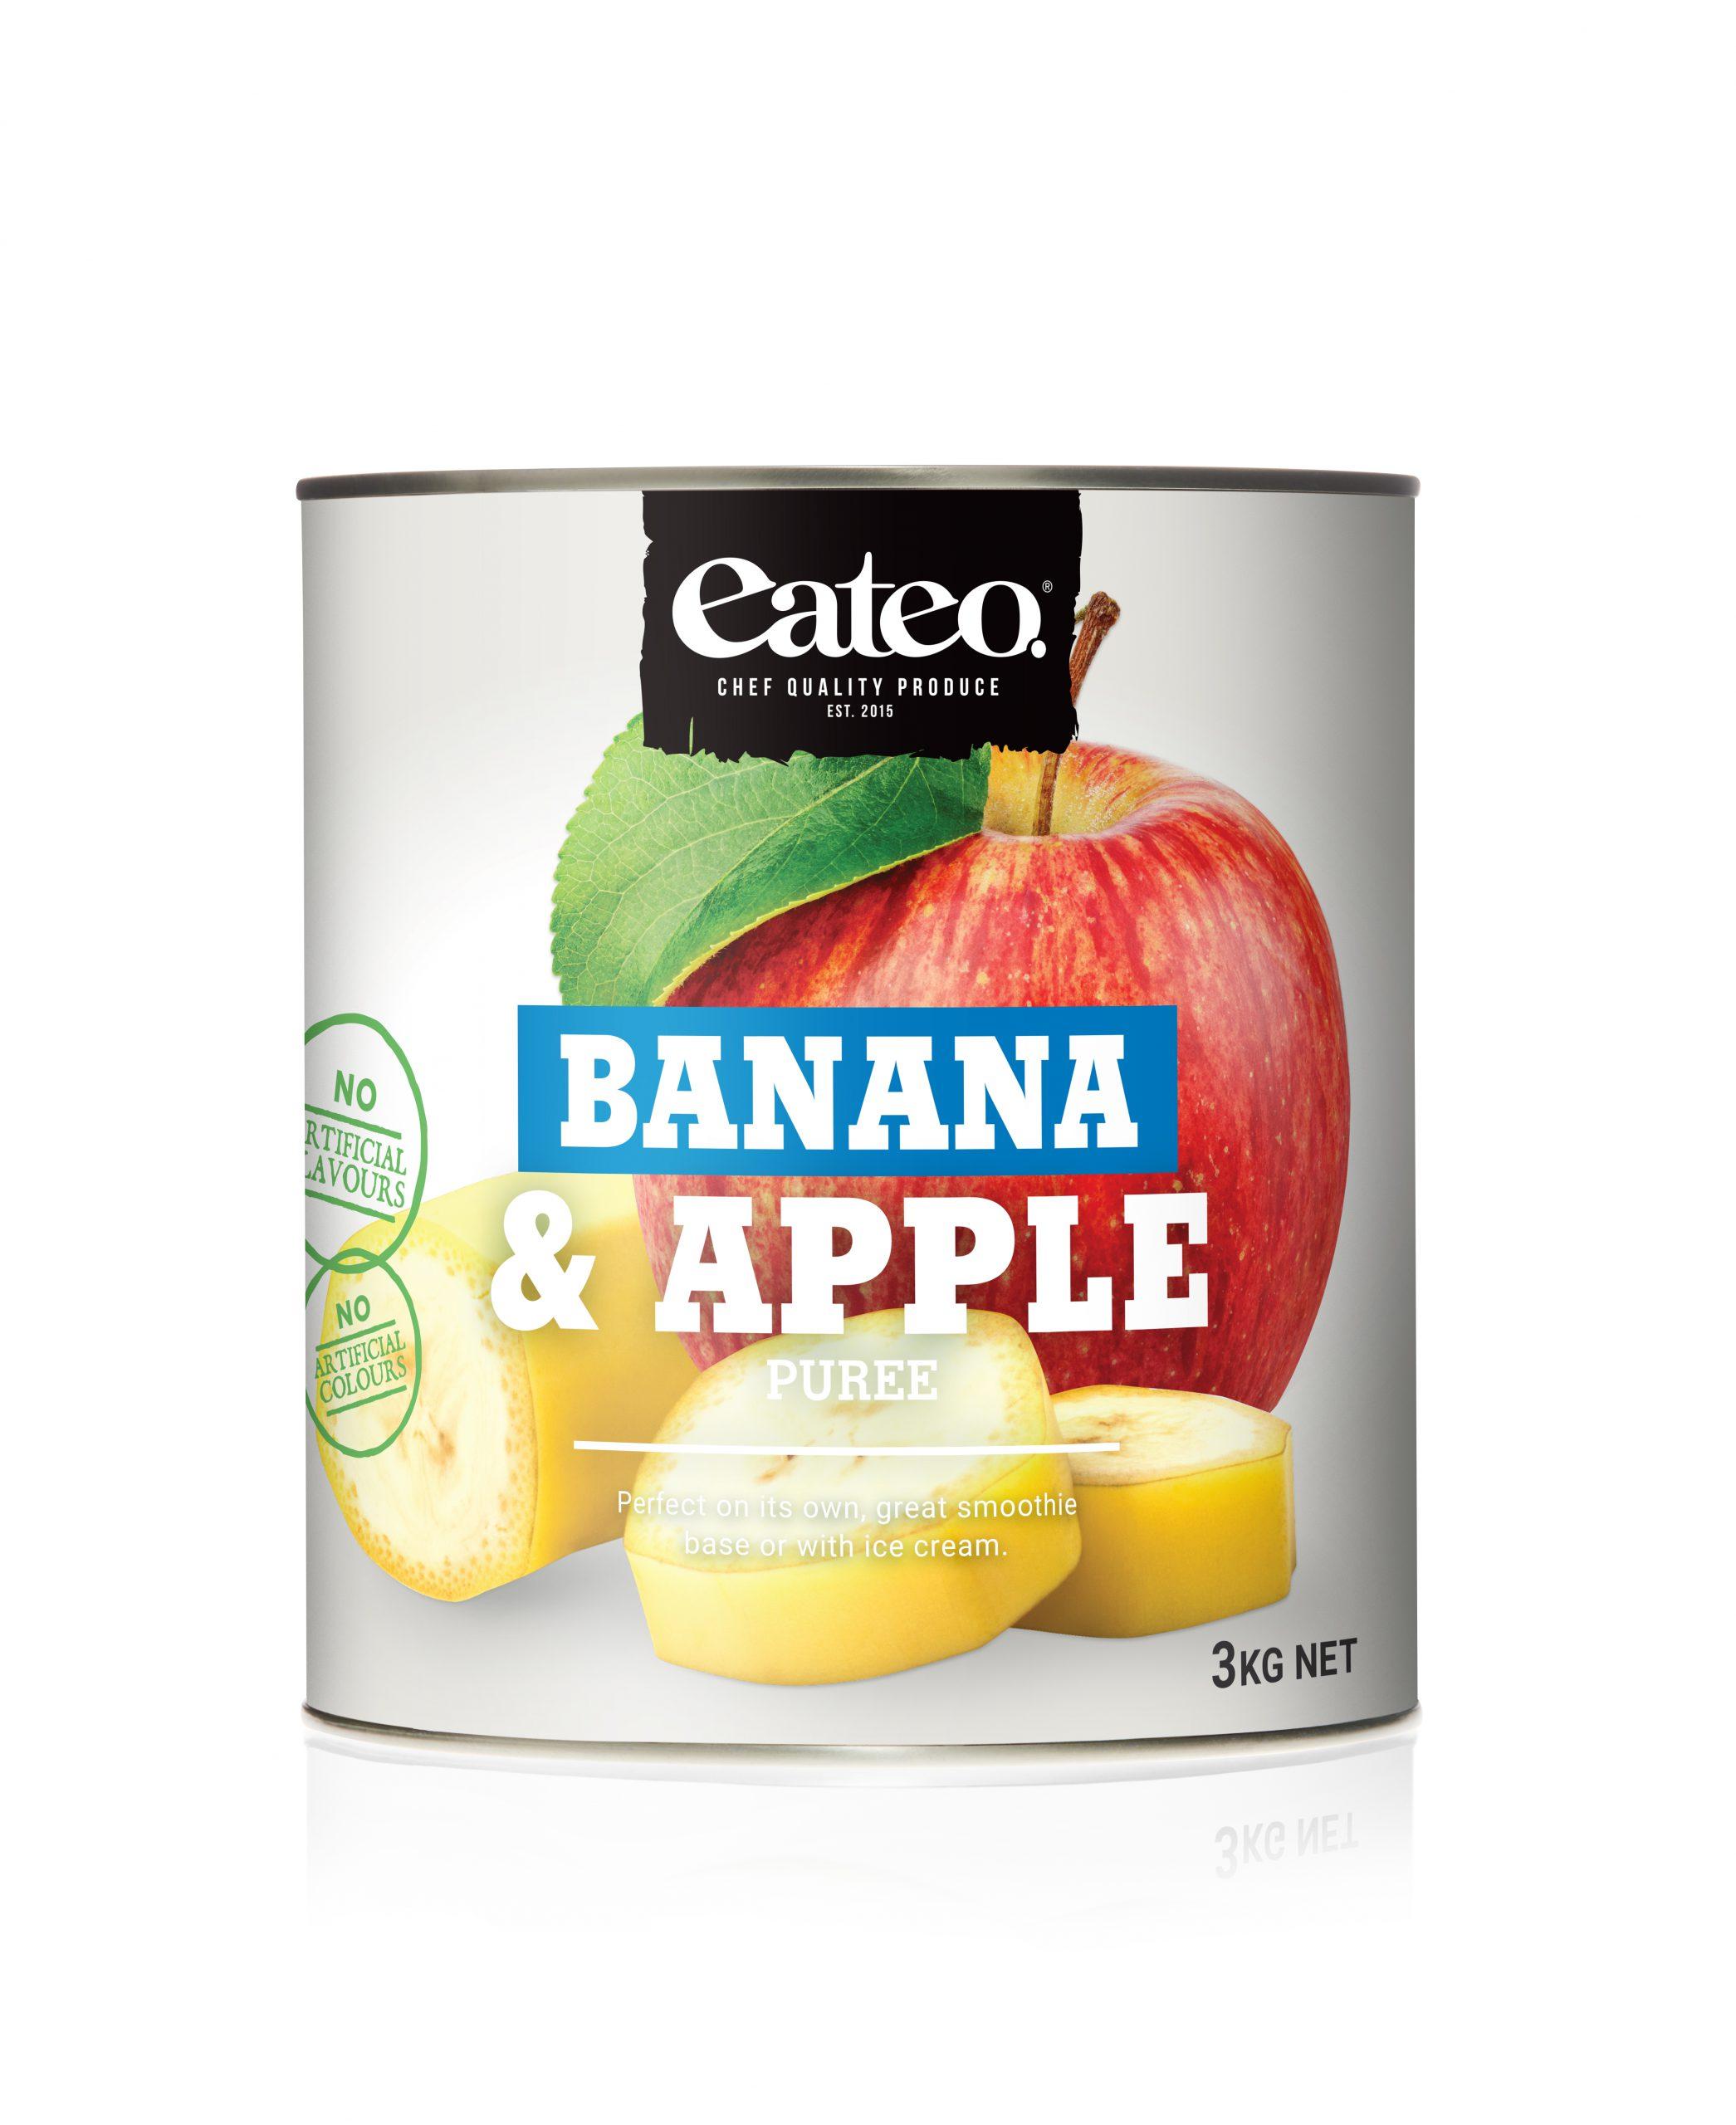 Banana & Apple Puree